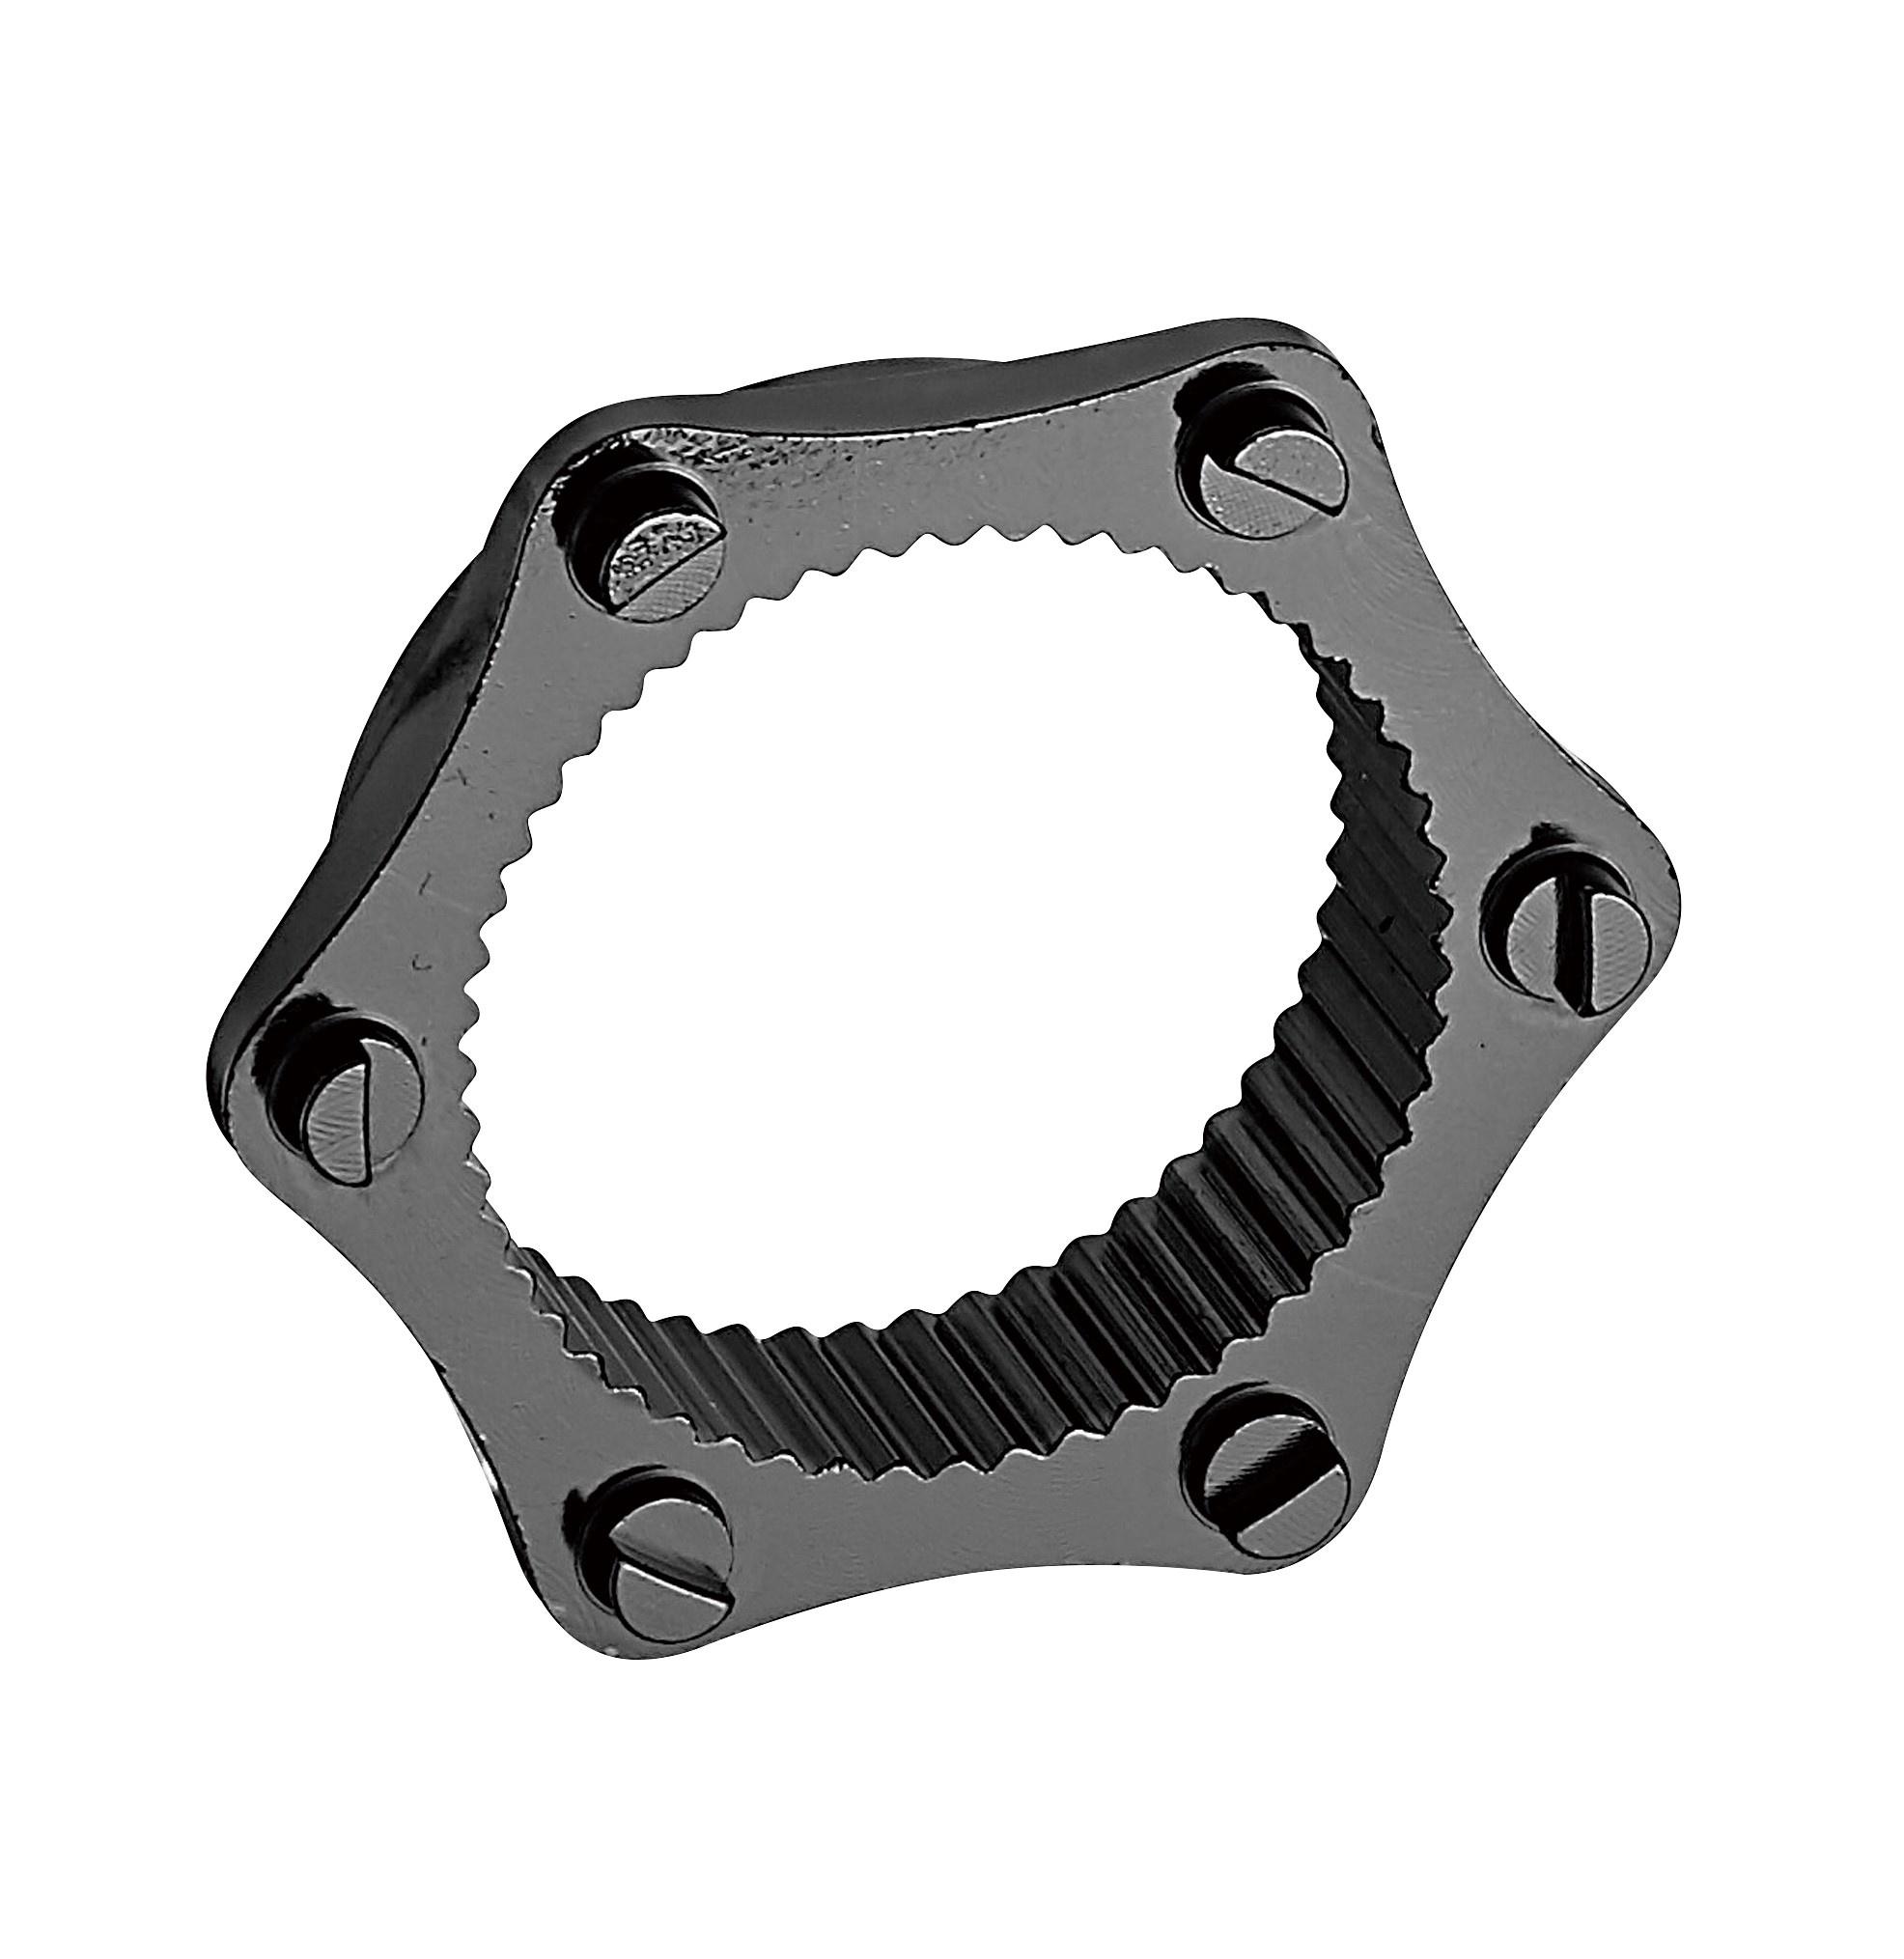 SHIMANO center lock hub adaptor (€14,95 incl. VAT)